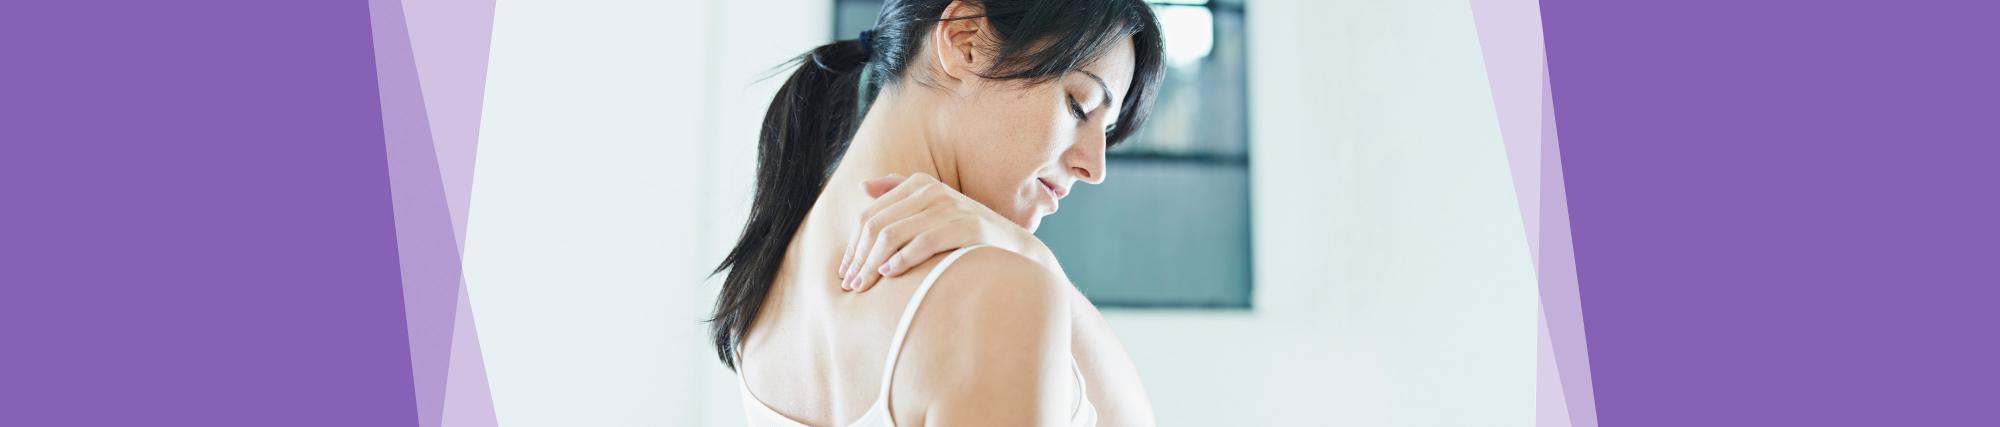 artrose pijn verzachten